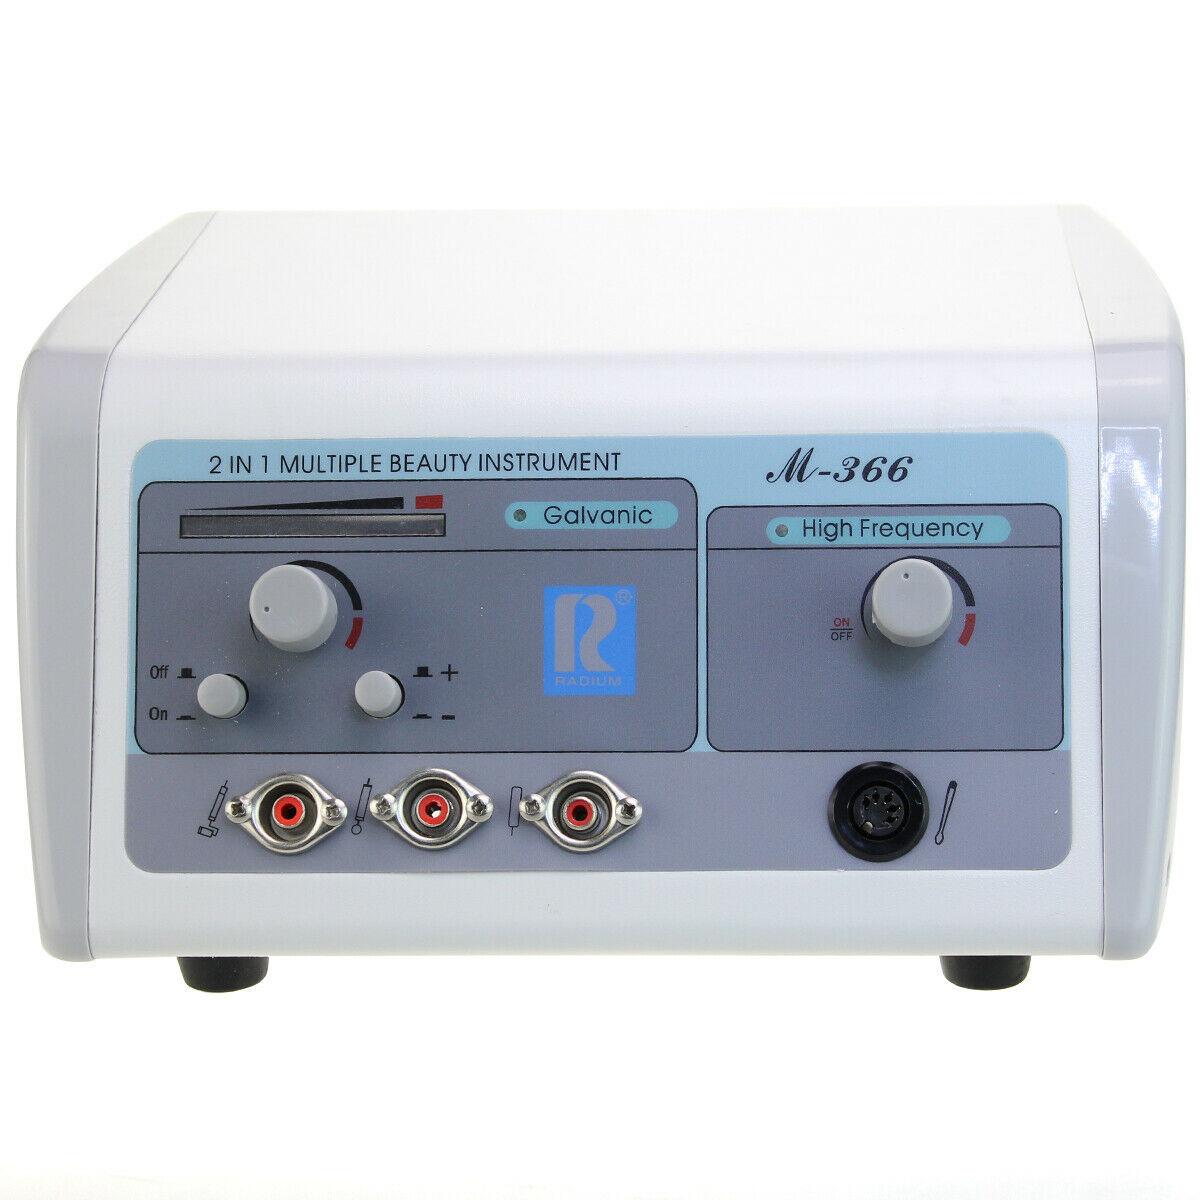 دستگاه-گالوانیک-و-هیدرودرمی-6-کاره-صورت